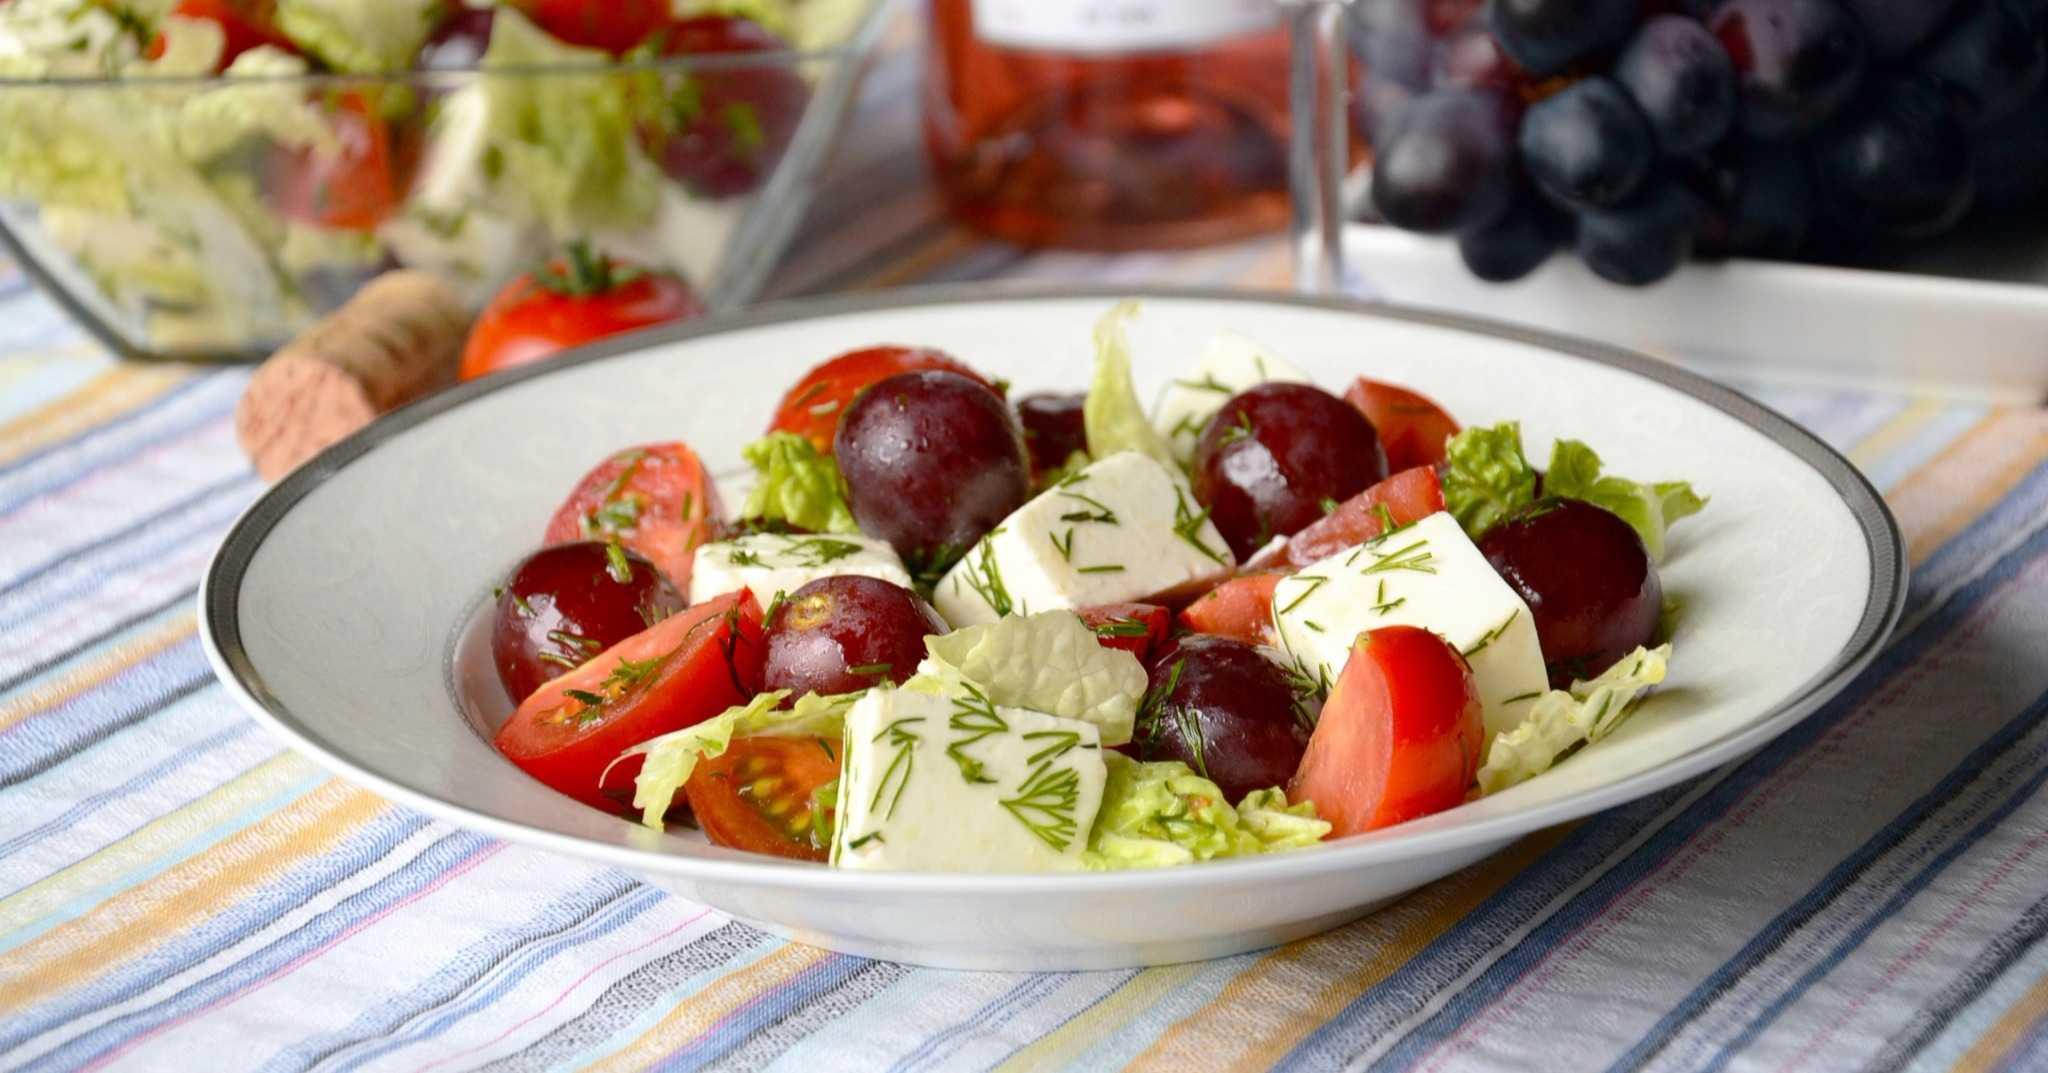 Салат с виноградом и курицей: рецепт с фото пошагово